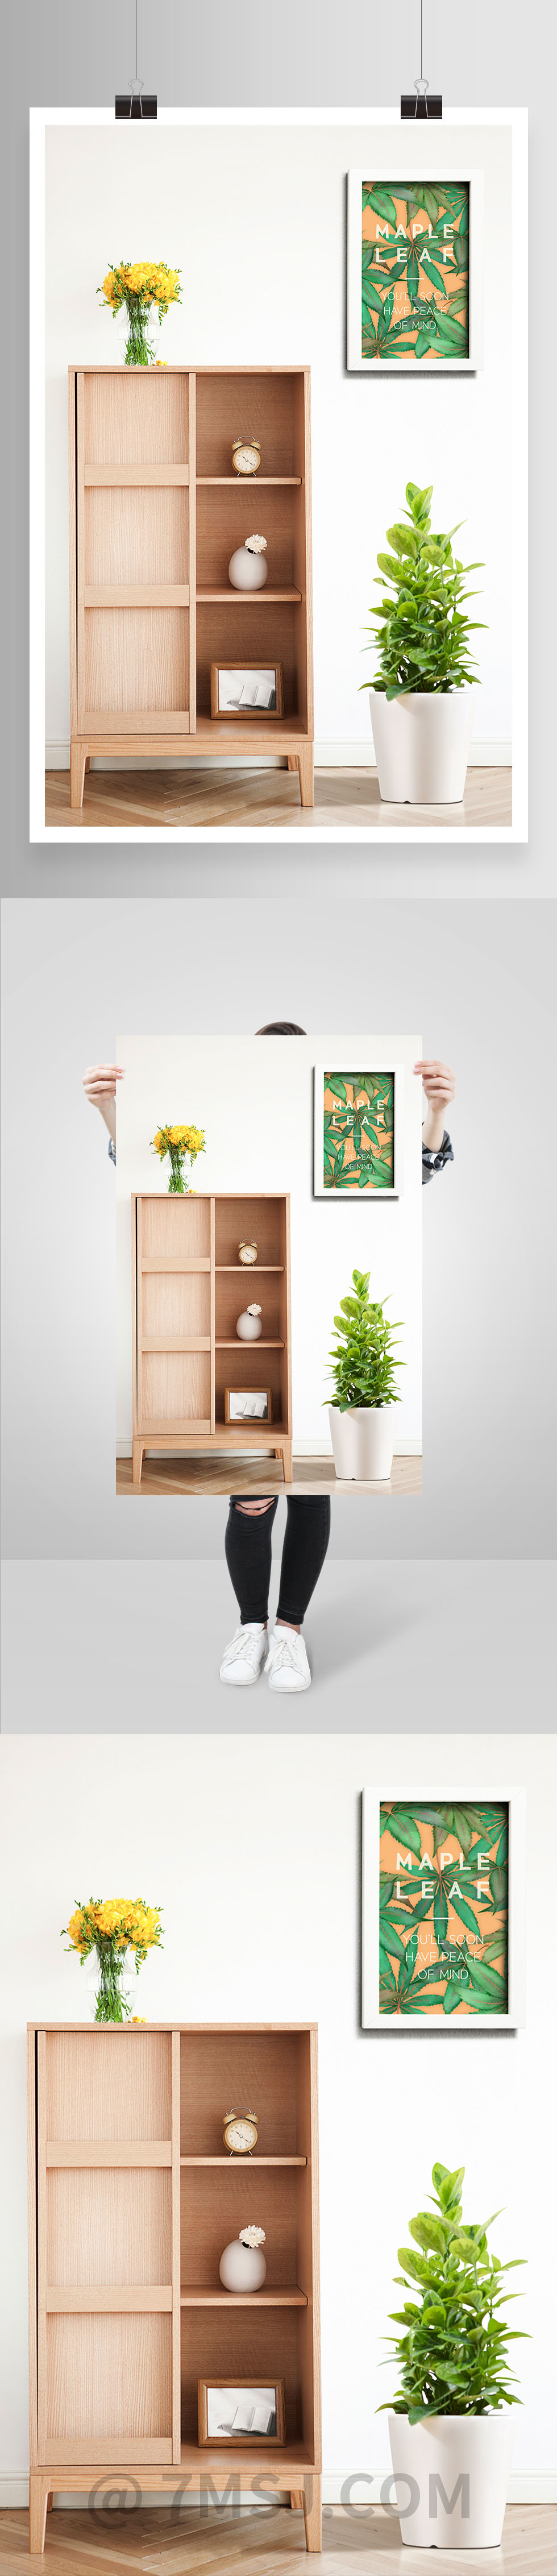 小清新家居时尚简约花卉海报素材 #Xiao Qingxin Home